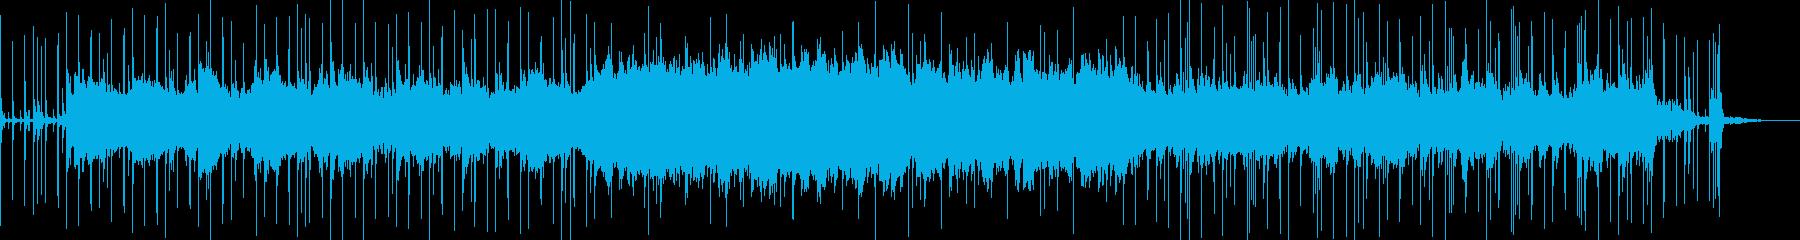 オリエンタル風の再生済みの波形